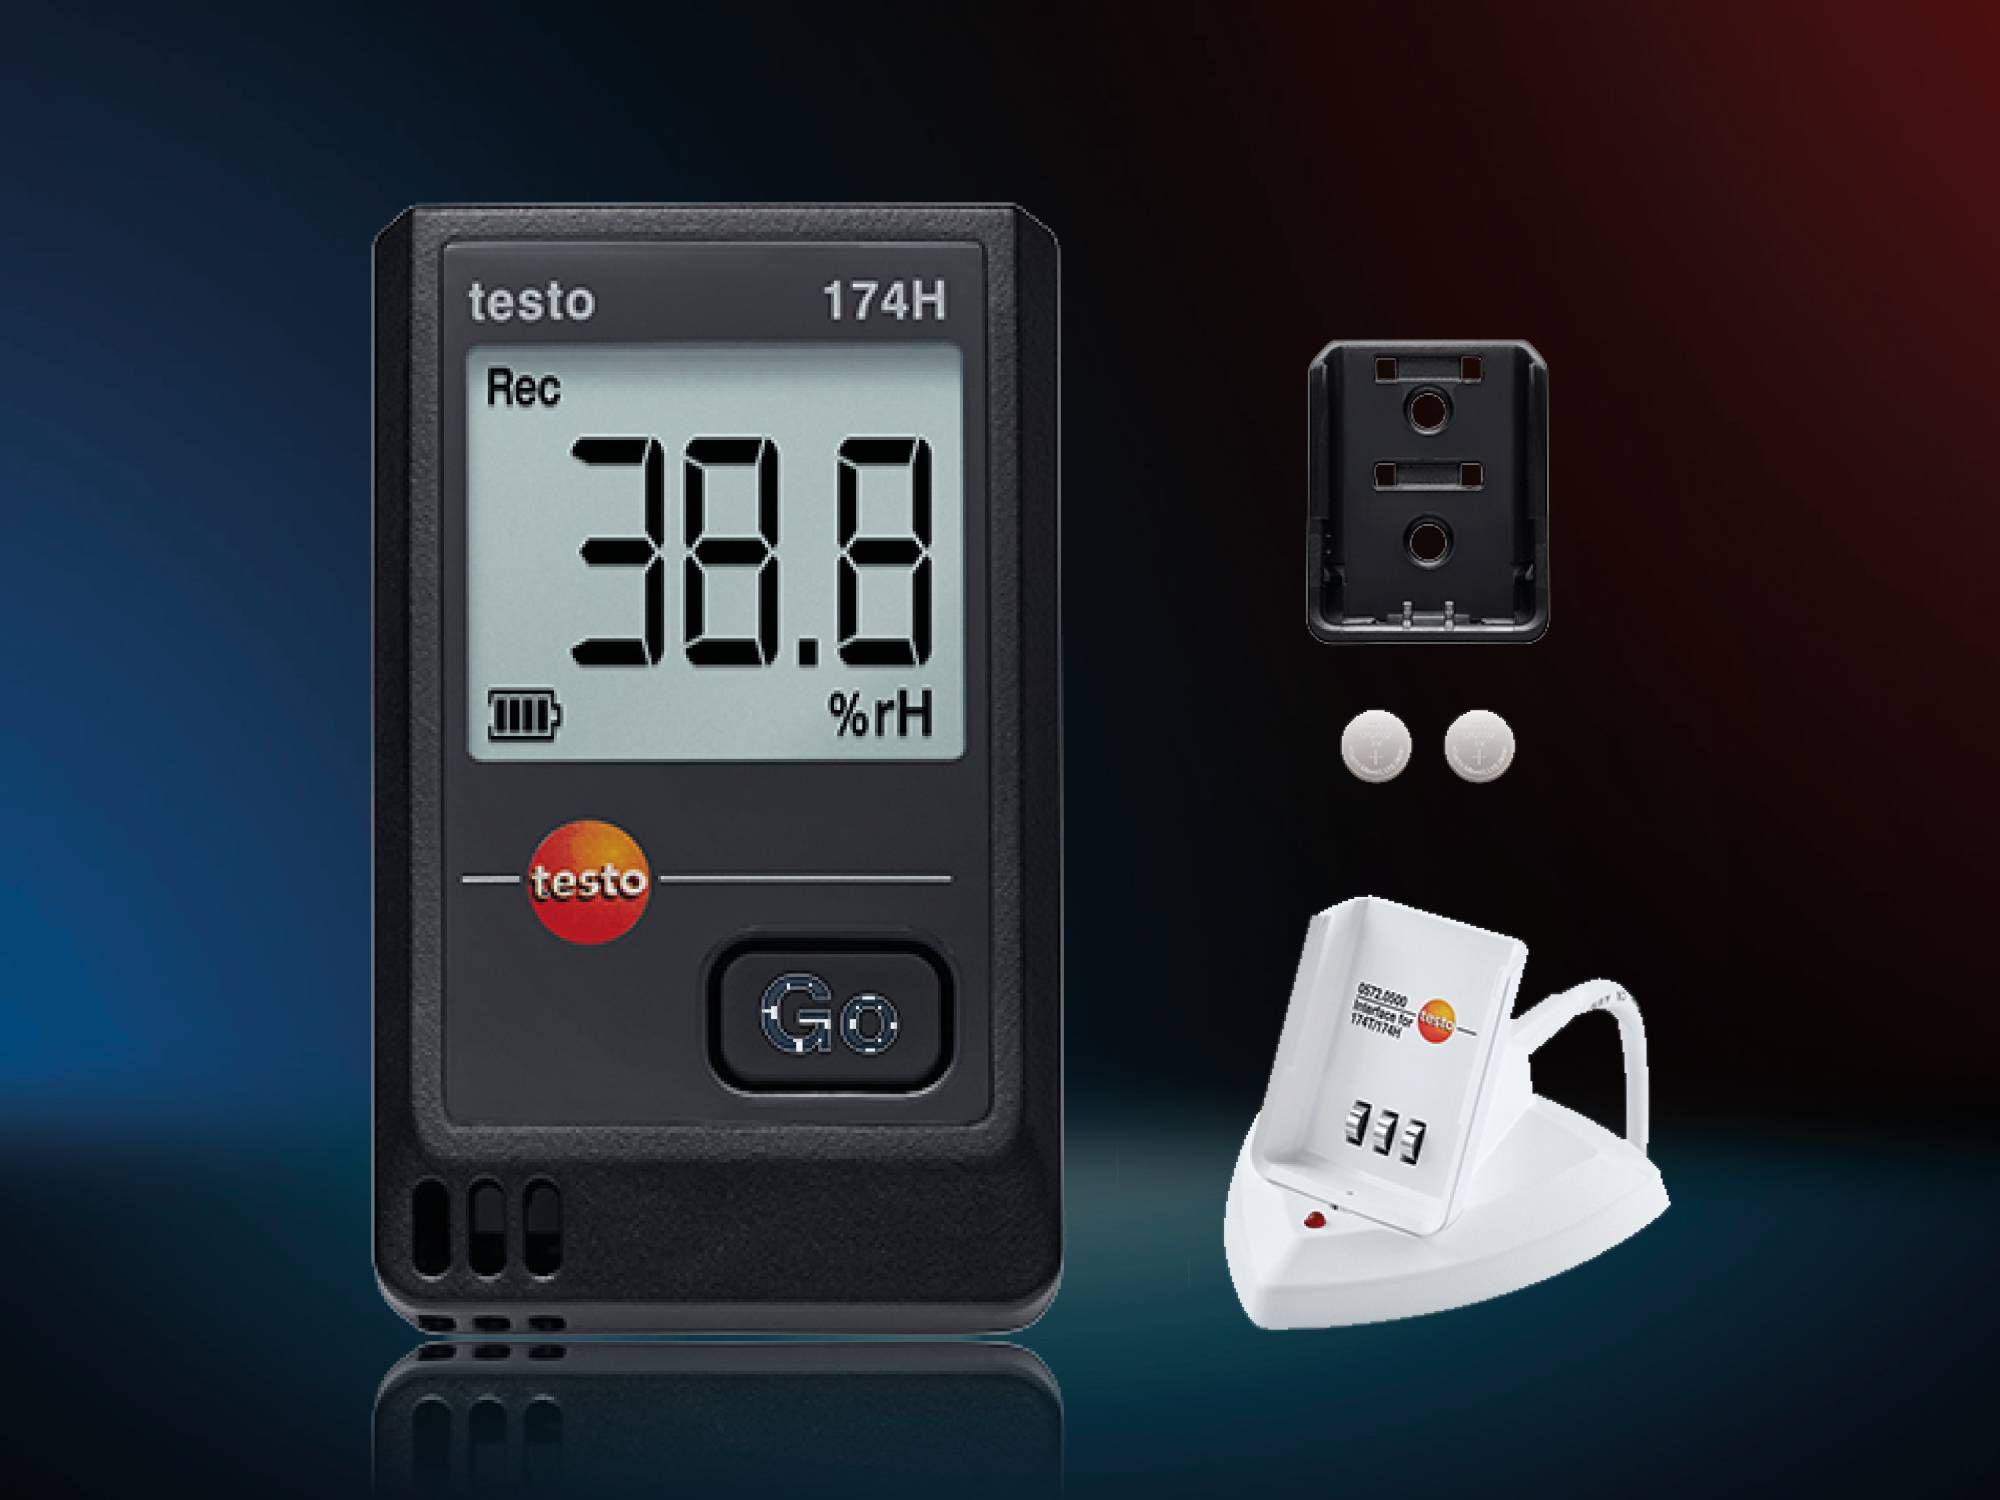 testo 174 H mini data logger kit